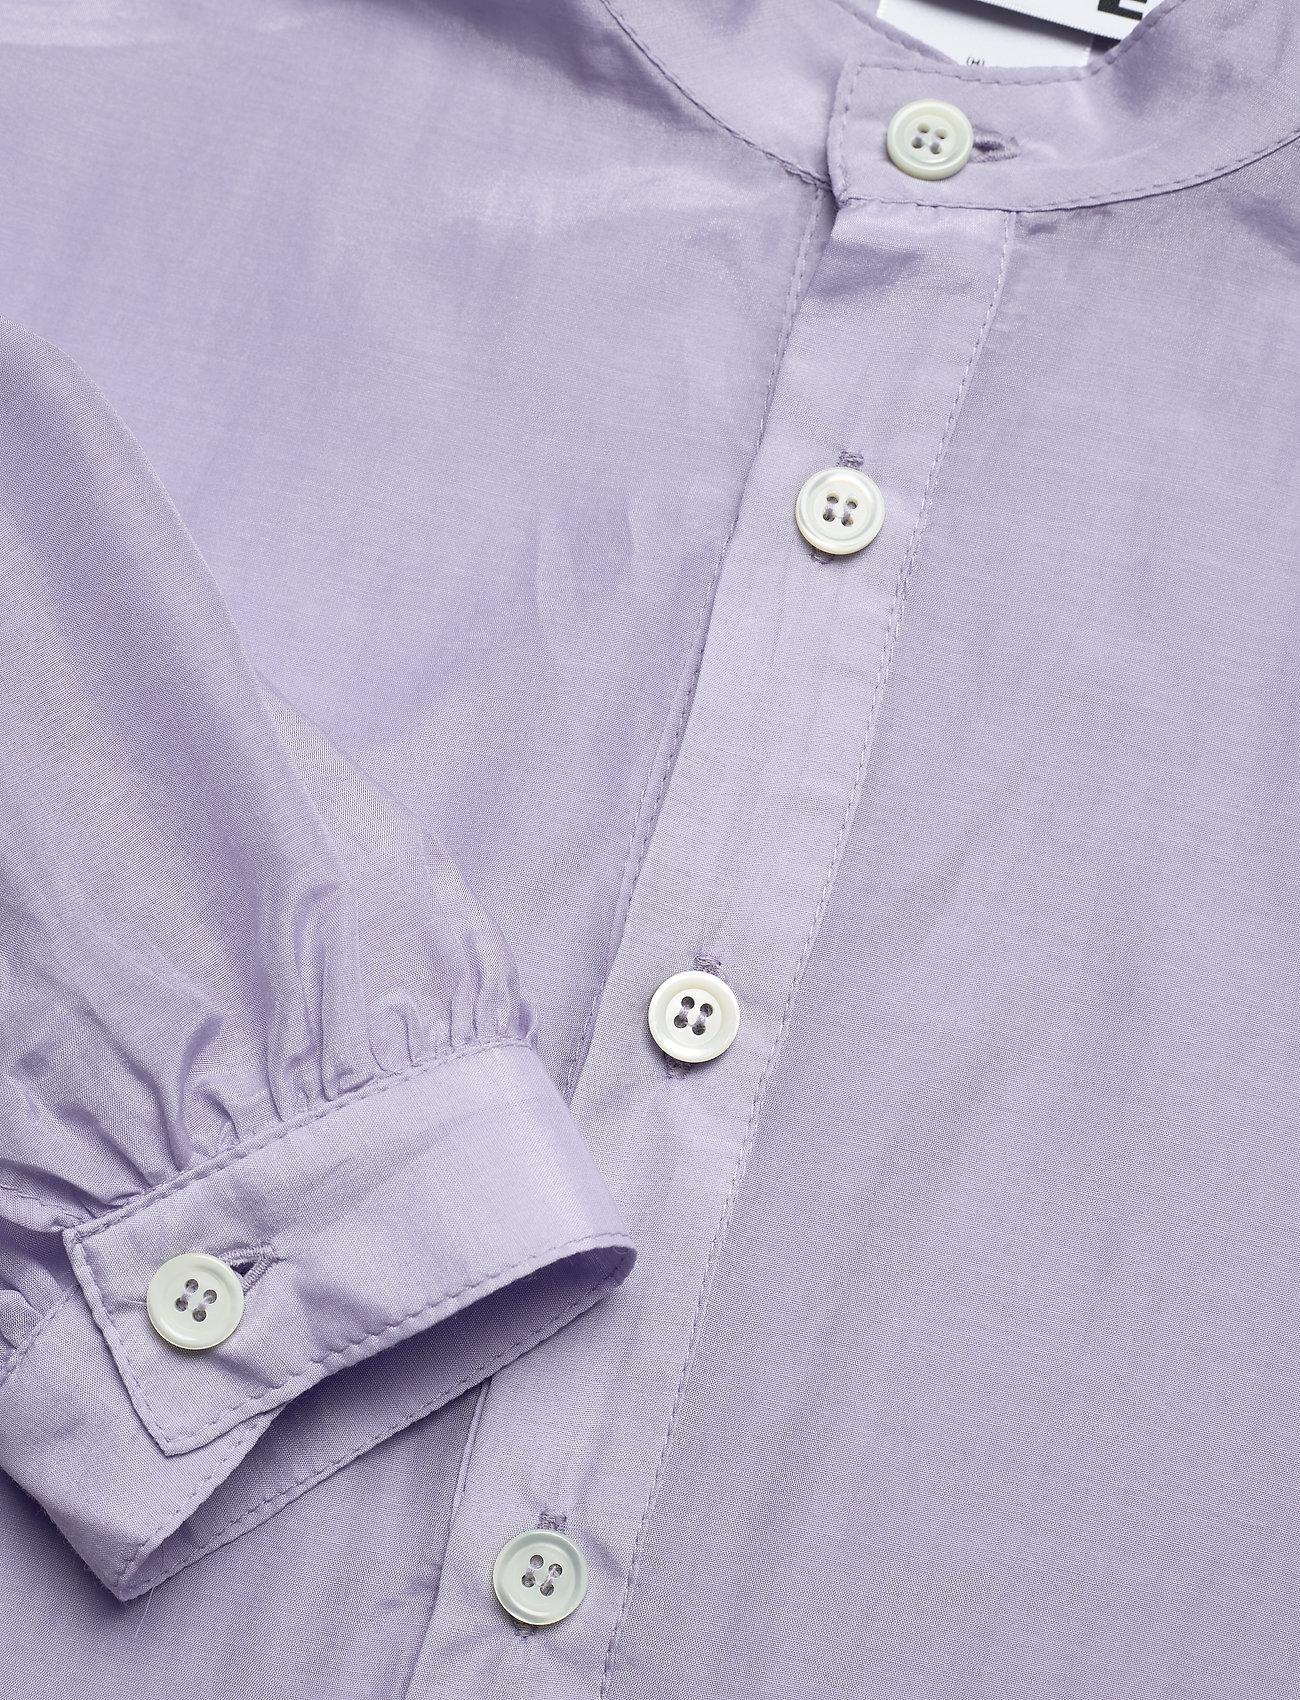 Hope Key Shirt - Bluser & Skjorter LT PURPLE - Dameklær Spesialtilbud